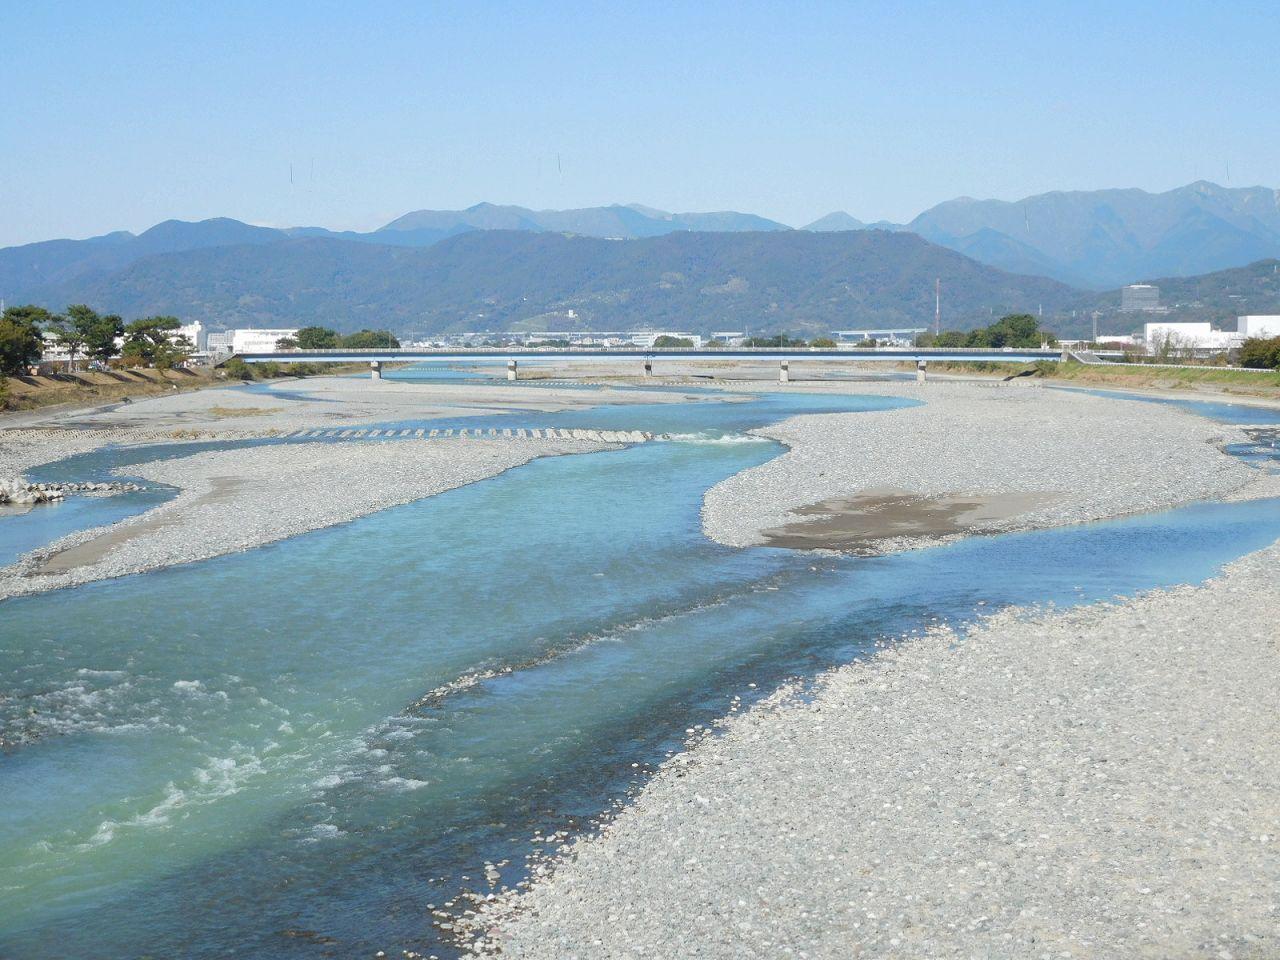 川と箱根の山々